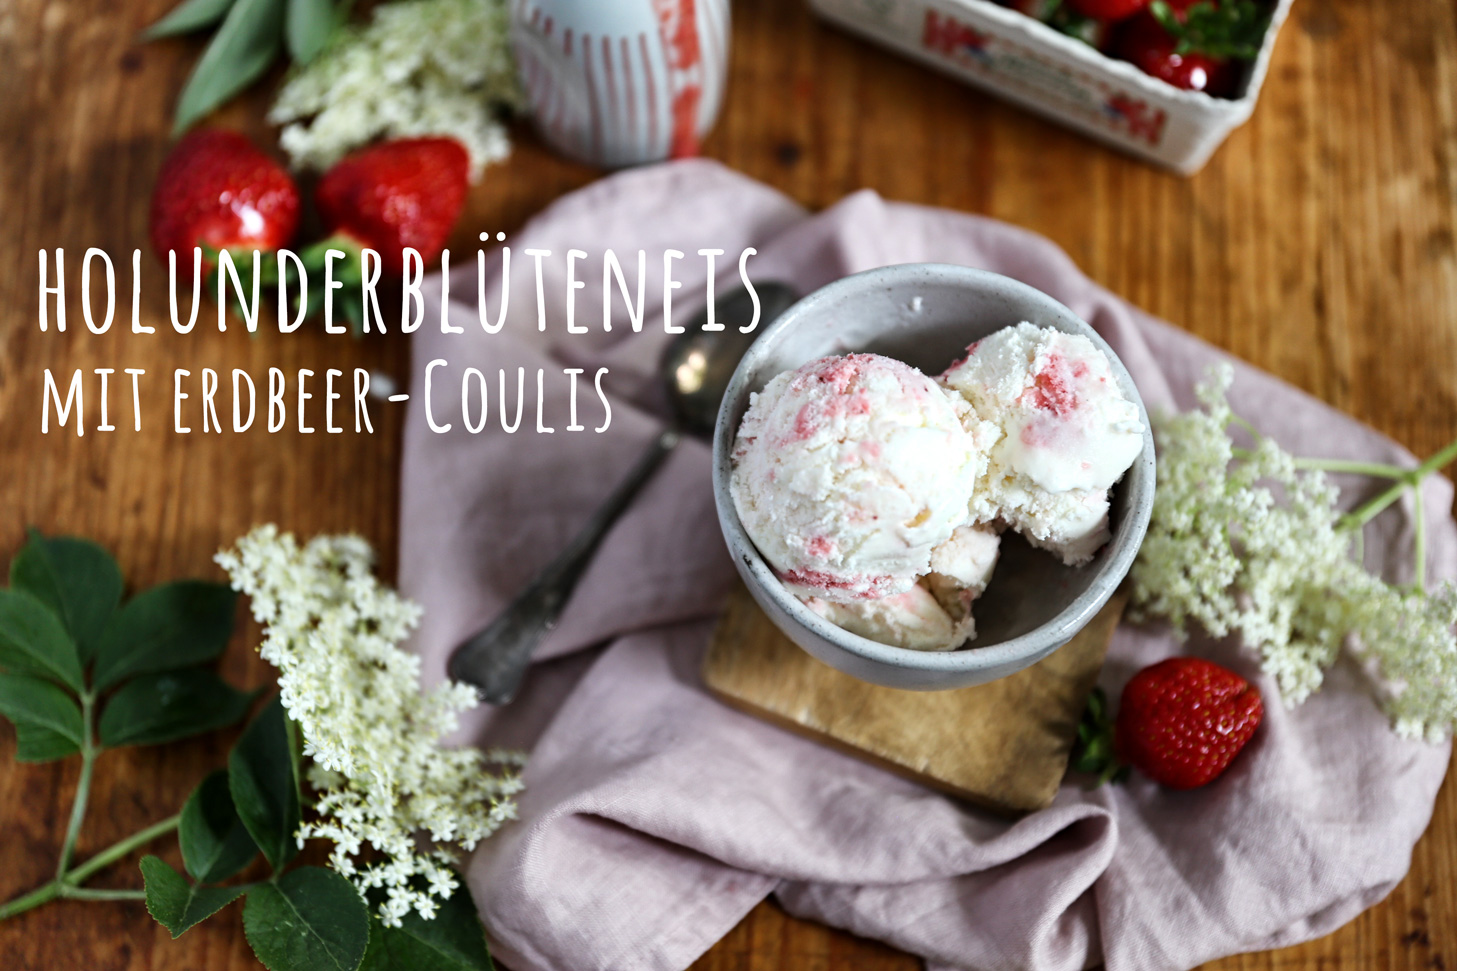 Holunderblüteneis mit Erdbeer-Coulis - Pottgewächs